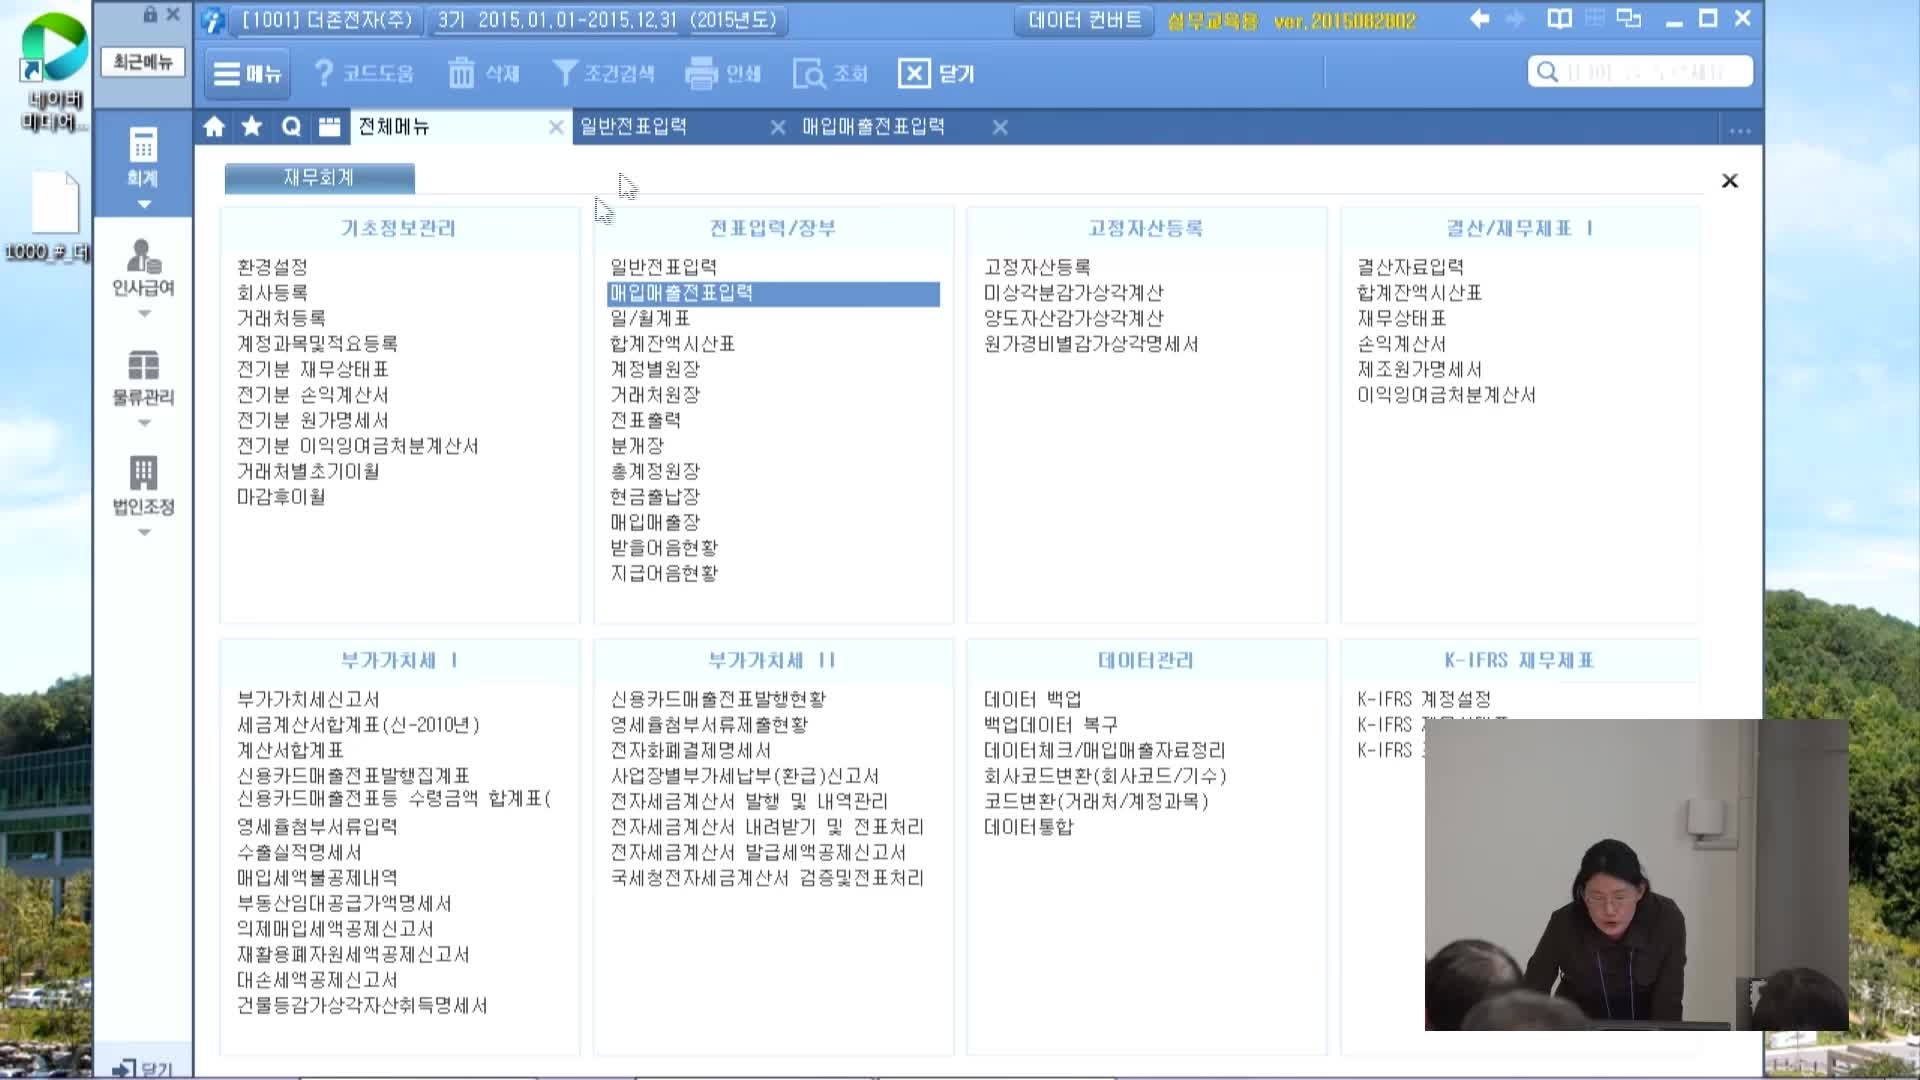 6차시_일반전표입력(1)-출장비, 복리후생비, 소모품비